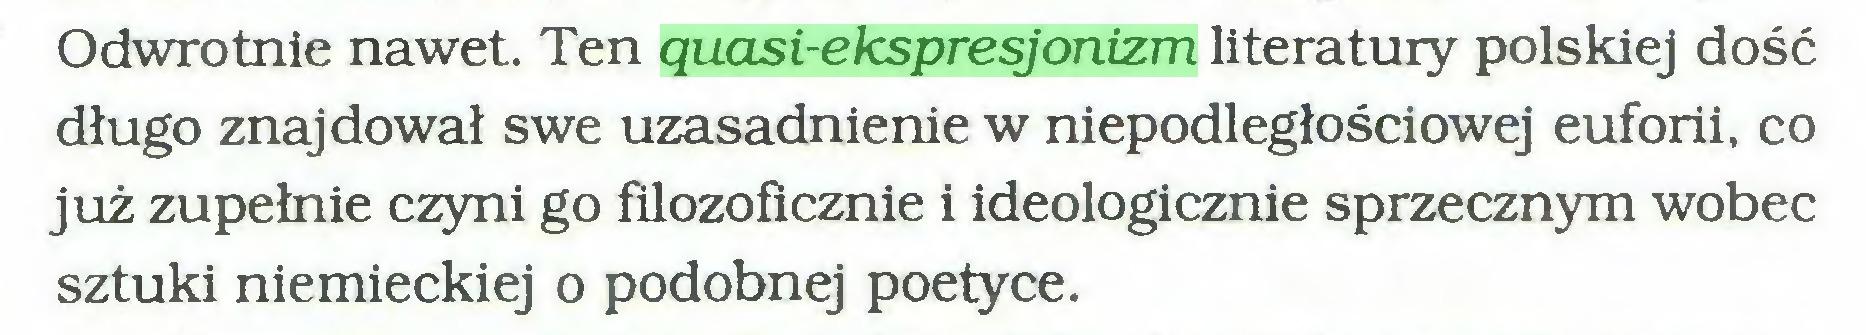 (...) Odwrotnie nawet. Ten quasi-ekspresjonizm literatury polskiej dość długo znajdował swe uzasadnienie w niepodległościowej euforii, co już zupełnie czyni go filozoficznie i ideologicznie sprzecznym wobec sztuki niemieckiej o podobnej poetyce...